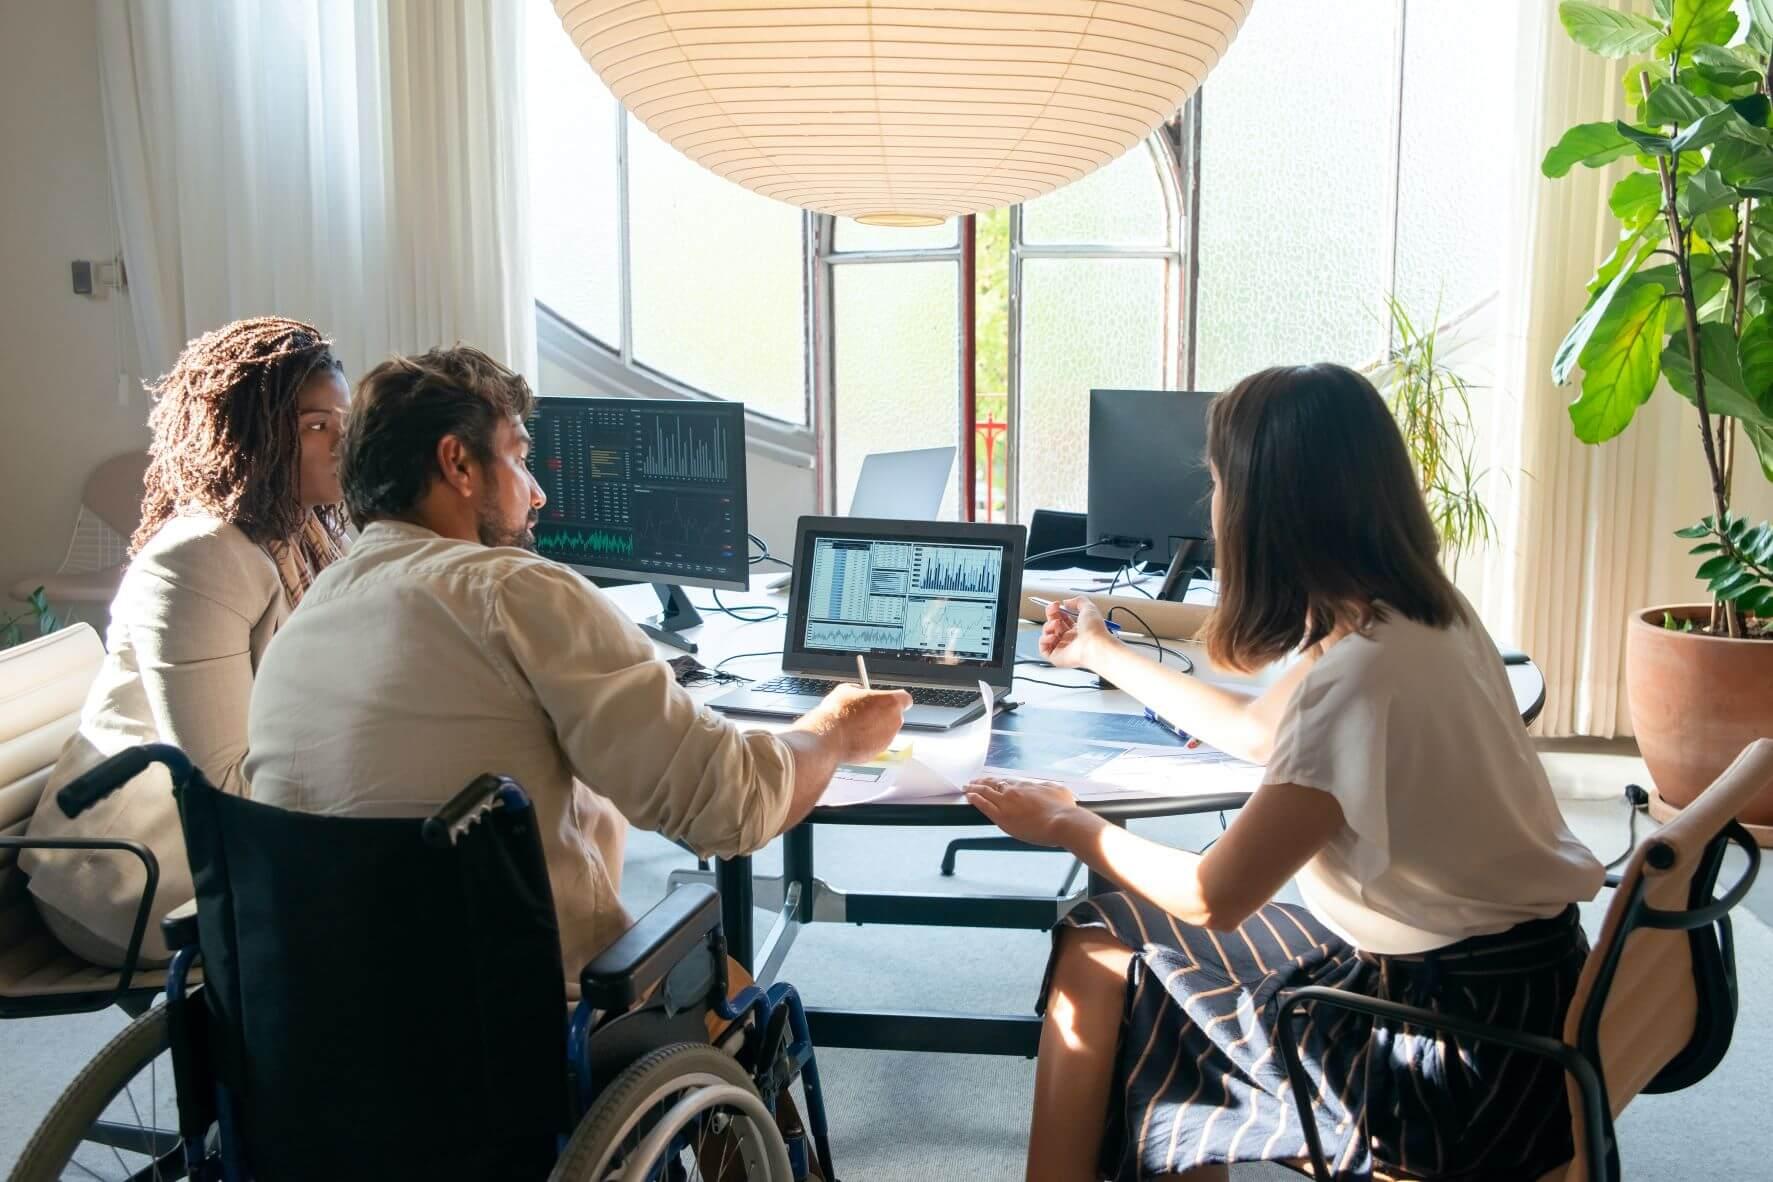 Foto de três pessoas sentadas diante de mesa com computadores e papéis em ambiente de escritório iluminado. A pessoa à esquerda é uma mulher negra, com cabelos longos pretos e roupa branca. Ao meio, está um homem branco, de cabelo e barba escuros curtos, que usa camisa social branca e está em cadeira de rodas. Na direita, uma mulher branca, de cabelo castanho escuro e roupa social